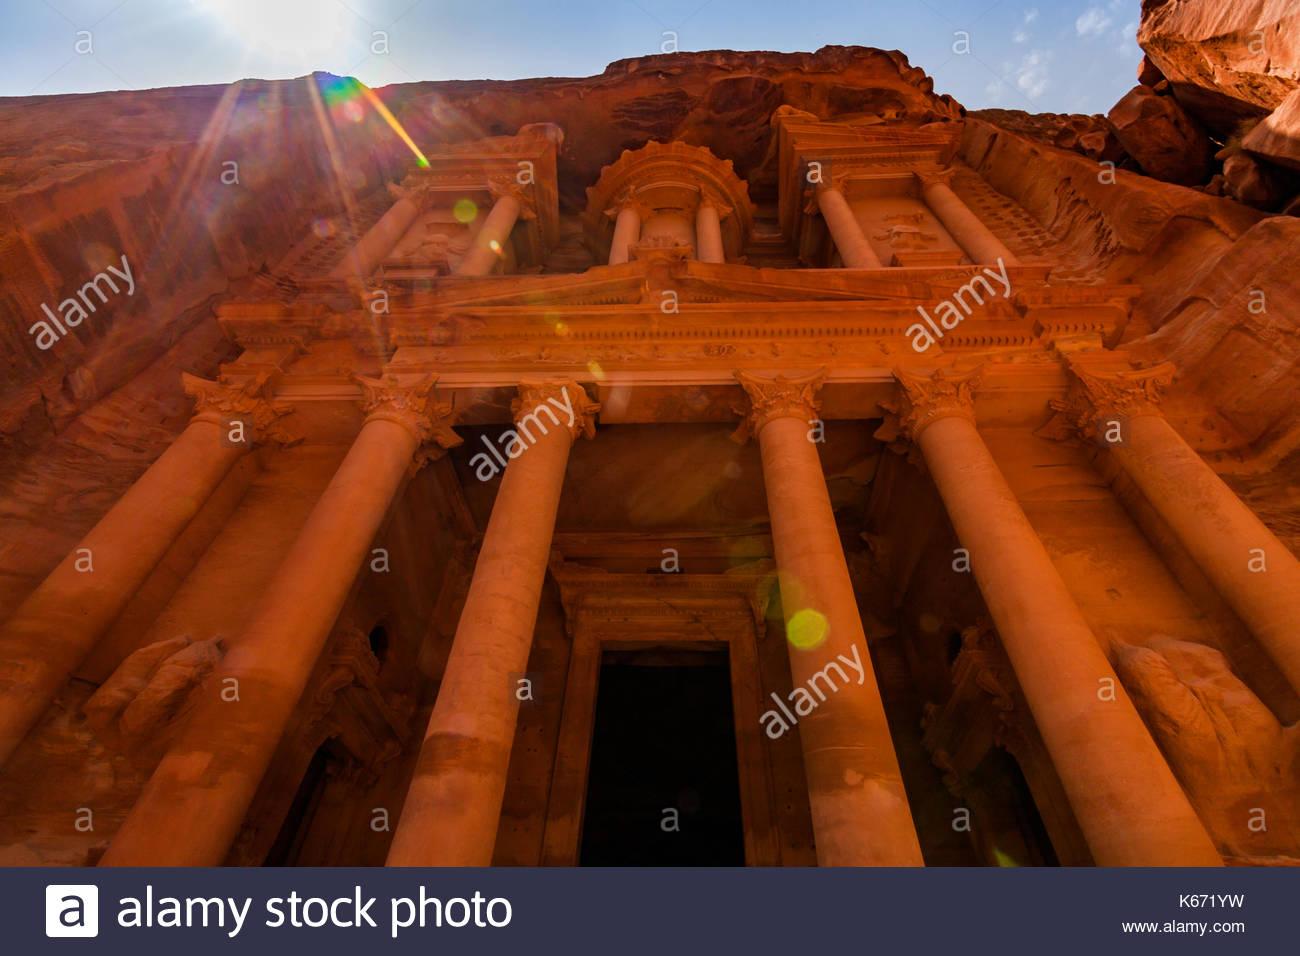 Al khazneh - el tesoro, la antigua ciudad de Petra, Jordania. Imagen De Stock